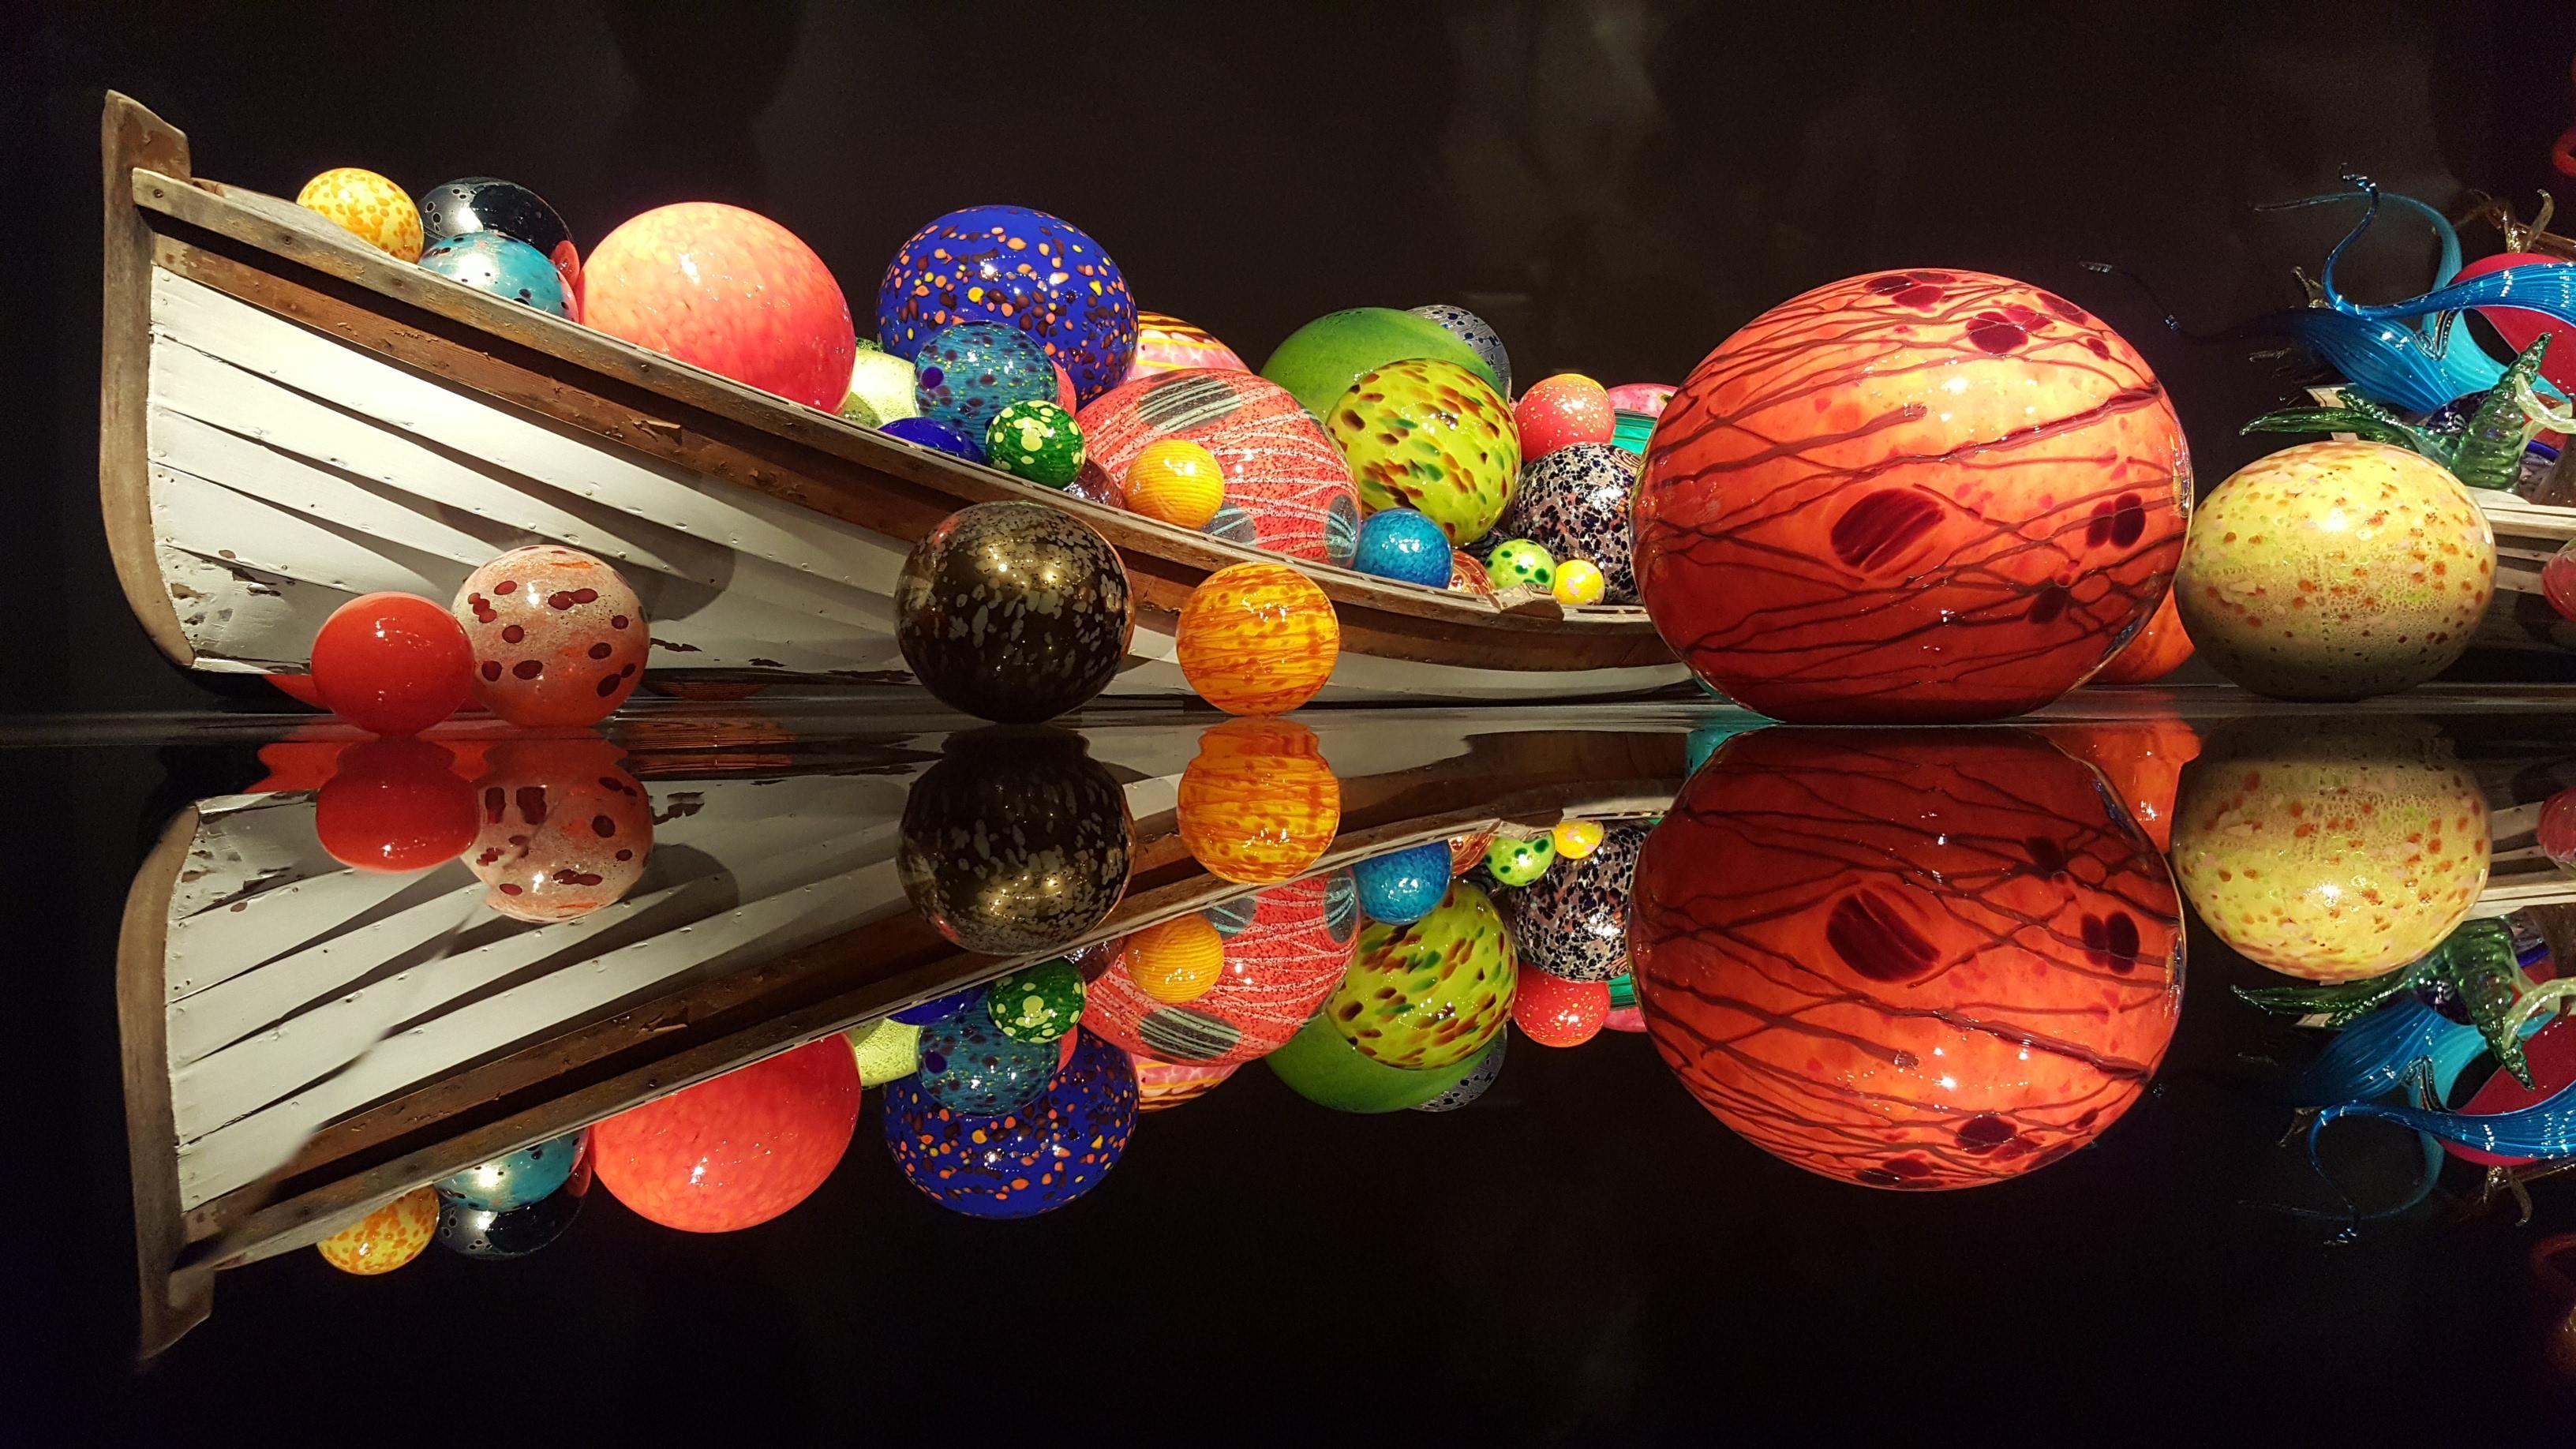 Chihuly Glass Museum - Seattle WA